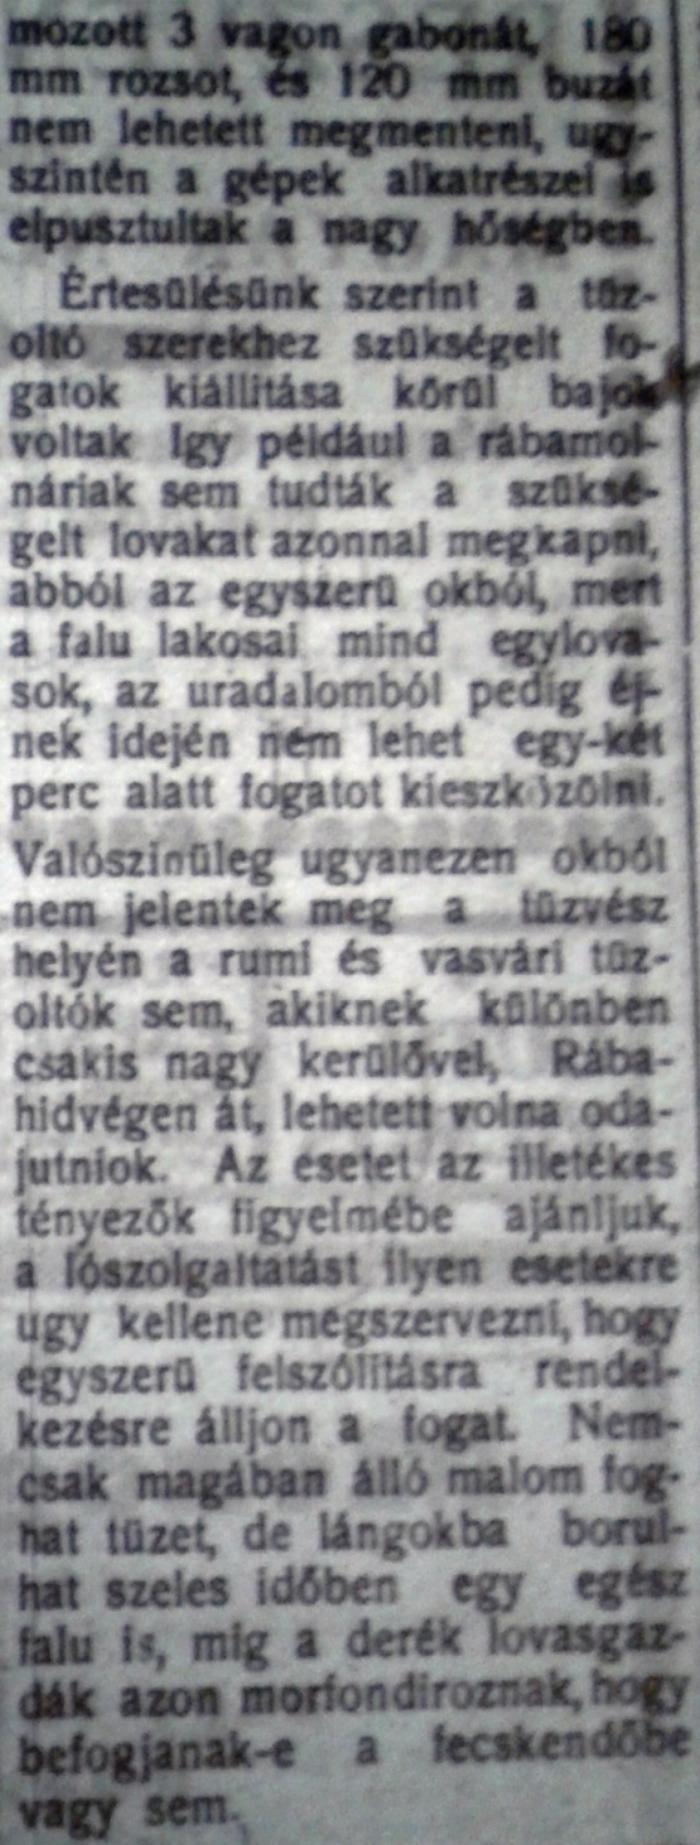 Hír_1924IV29_3o_2.jpg